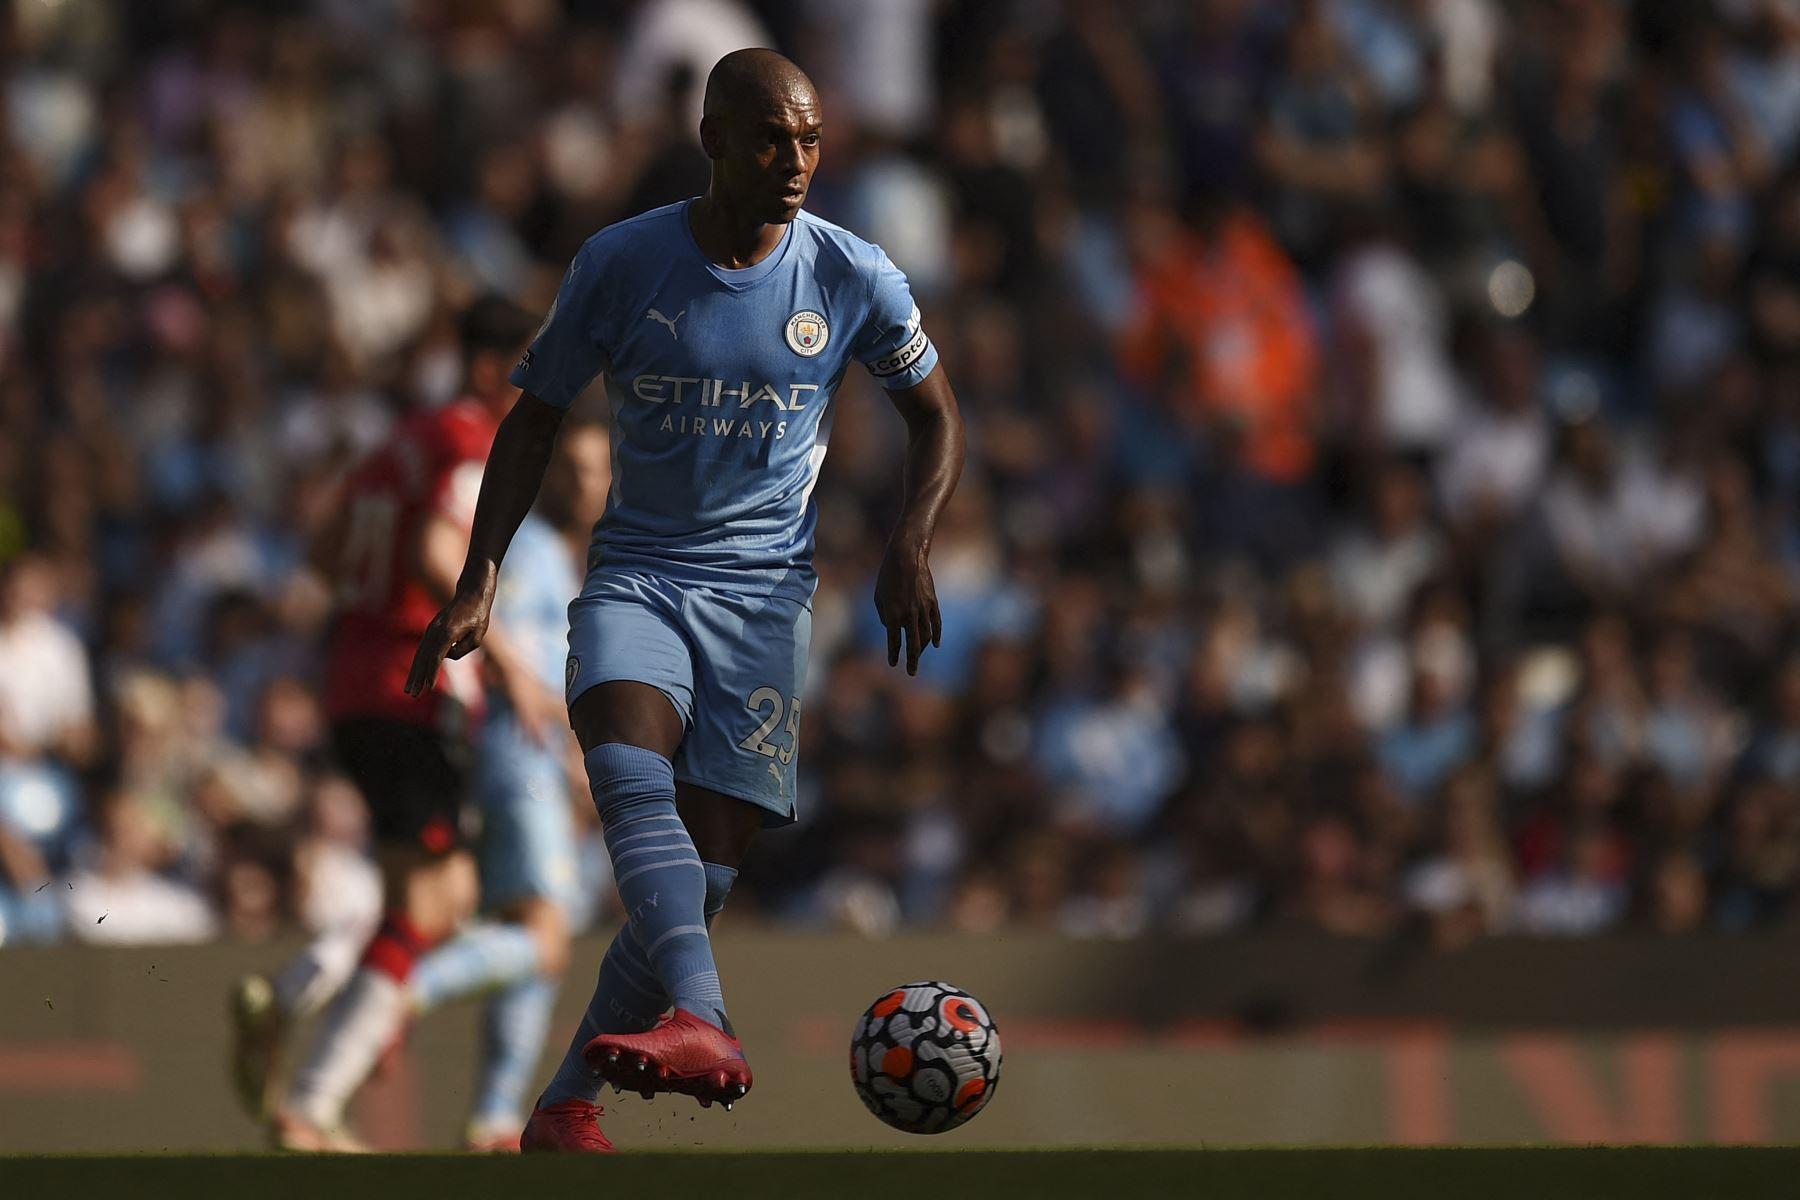 El centrocampista brasileño del Manchester City Fernandinho corre con el balón durante el partido de la Premier League. Foto. AFP